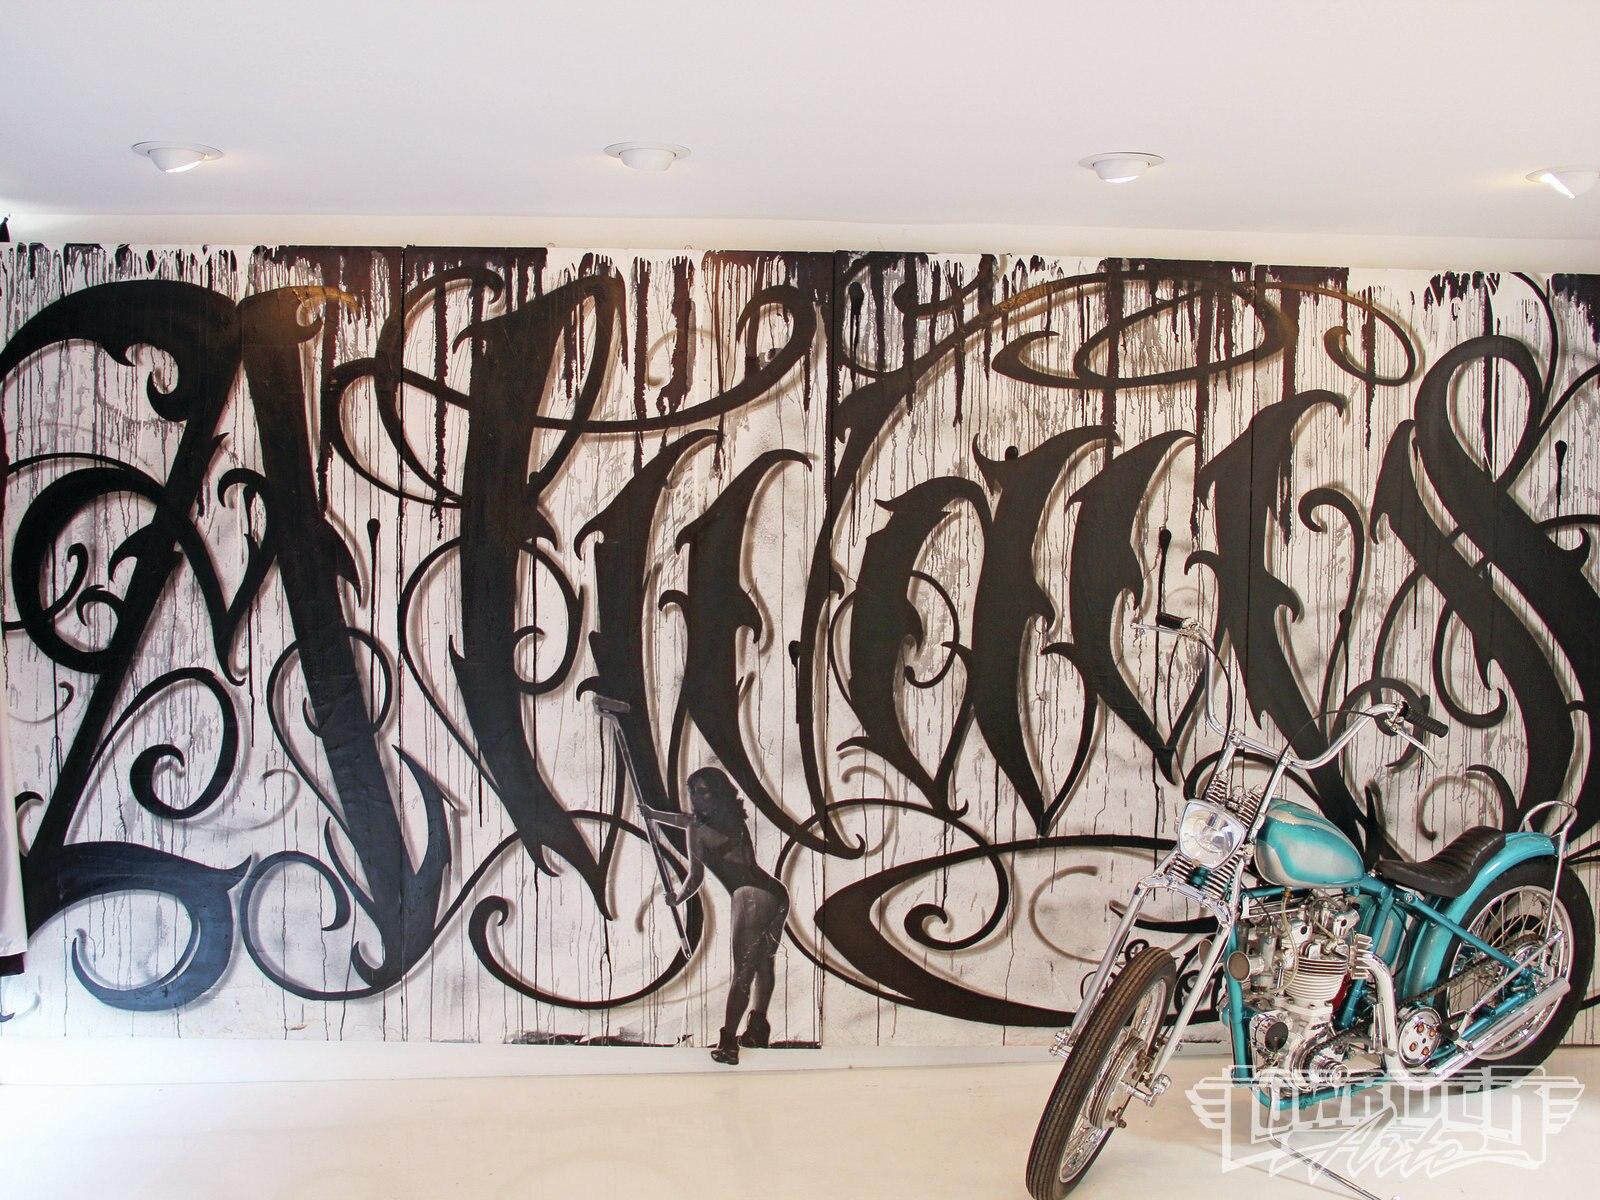 Graffiti art tattoo - 15 20